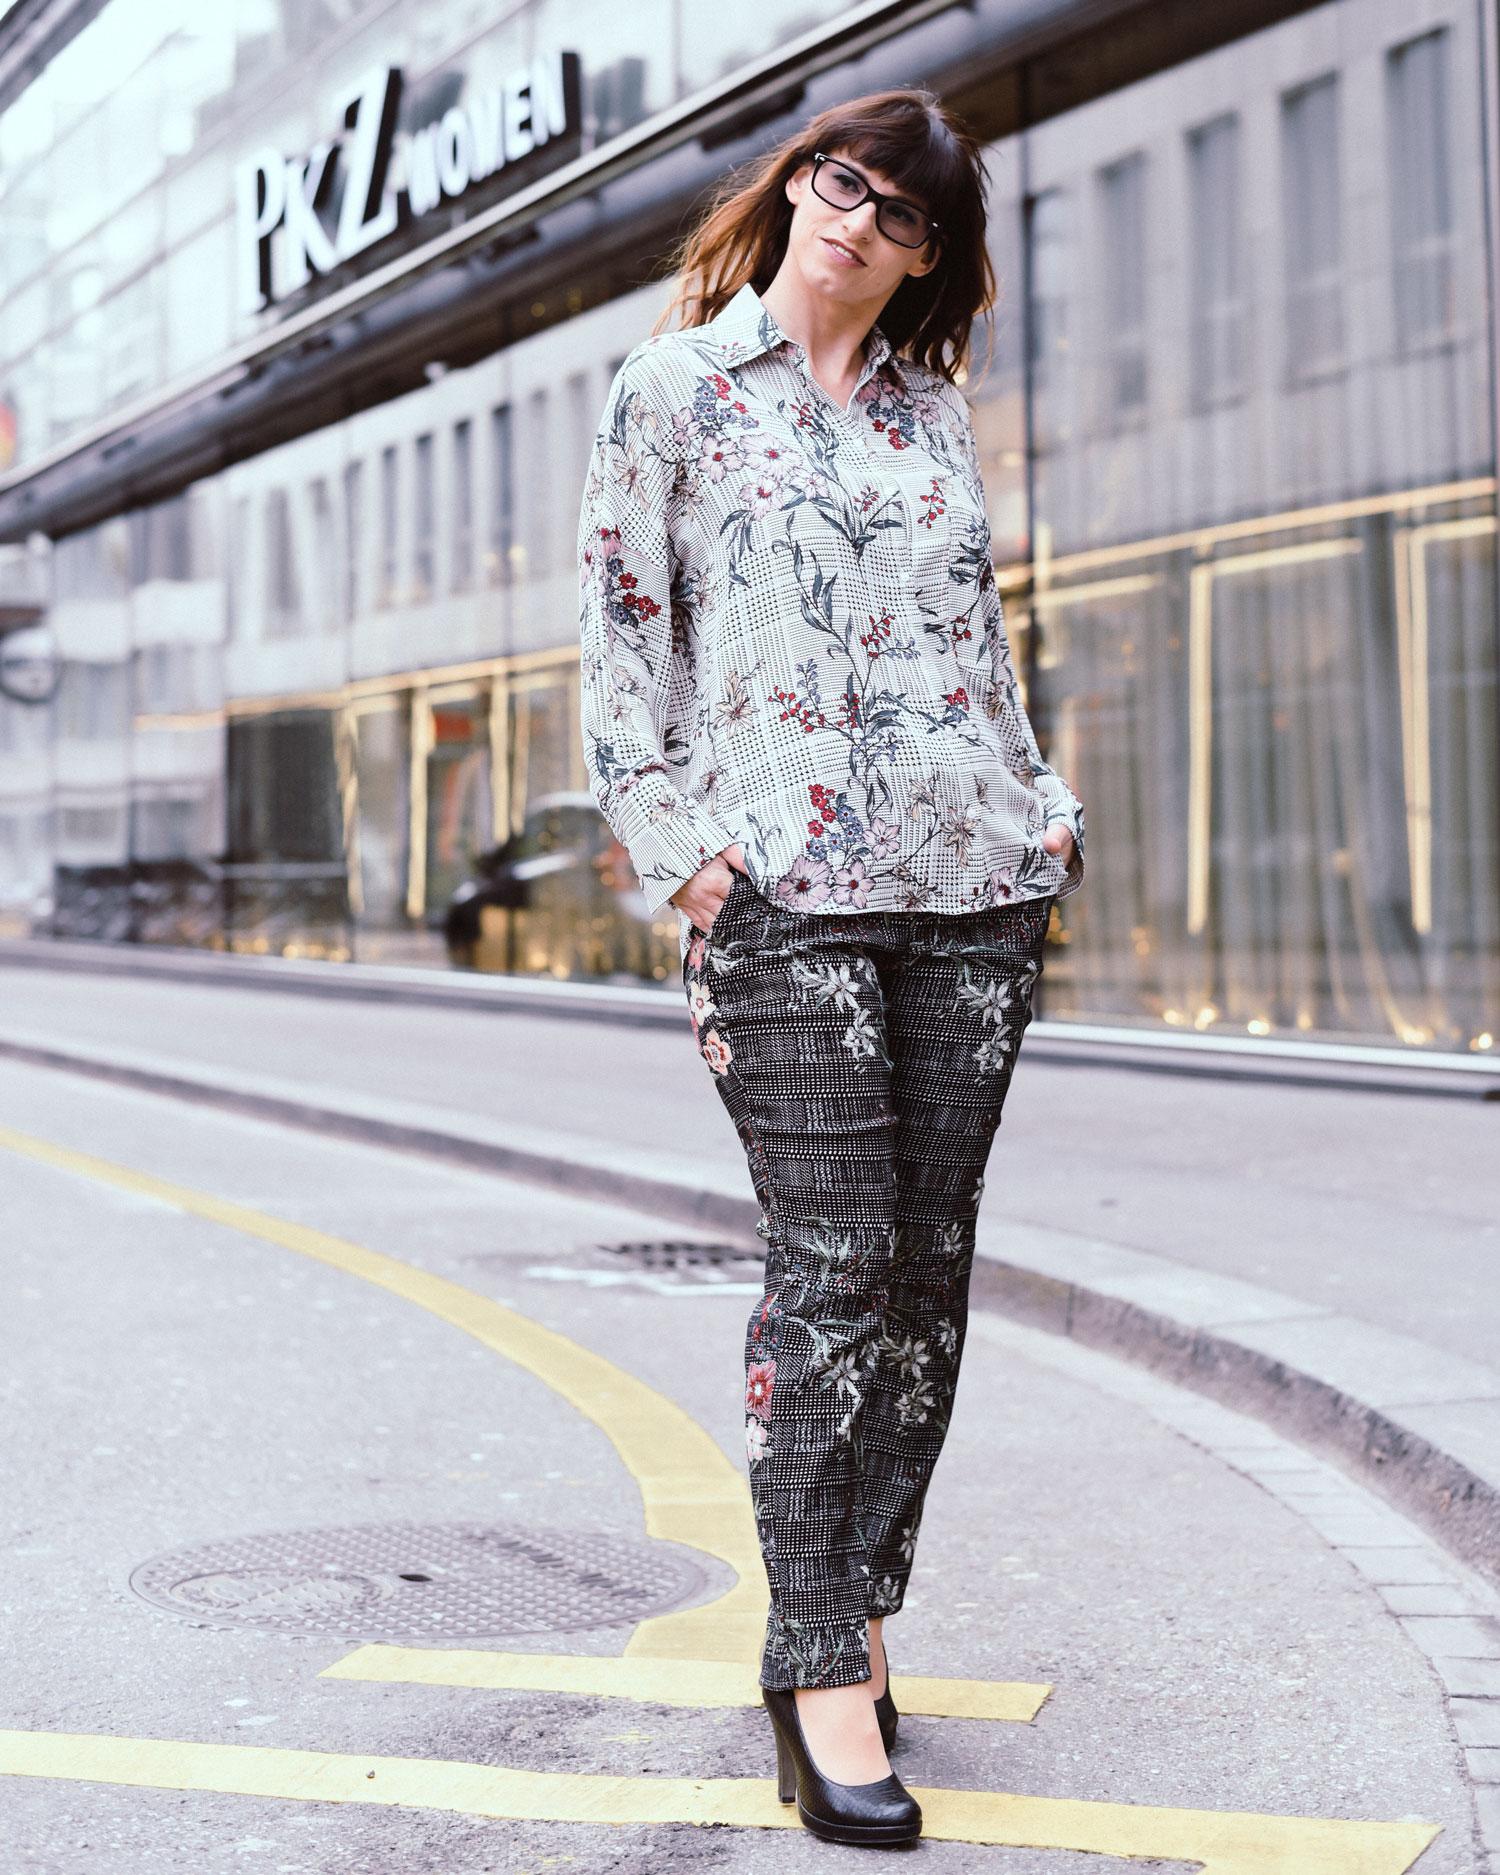 Grey: karierte grau Hose von Zara, hellgrau karierte Bluse von Zara, Floralprints, schwarze Pumps von Tamaris, schwarzer Mantel von hugo Boss